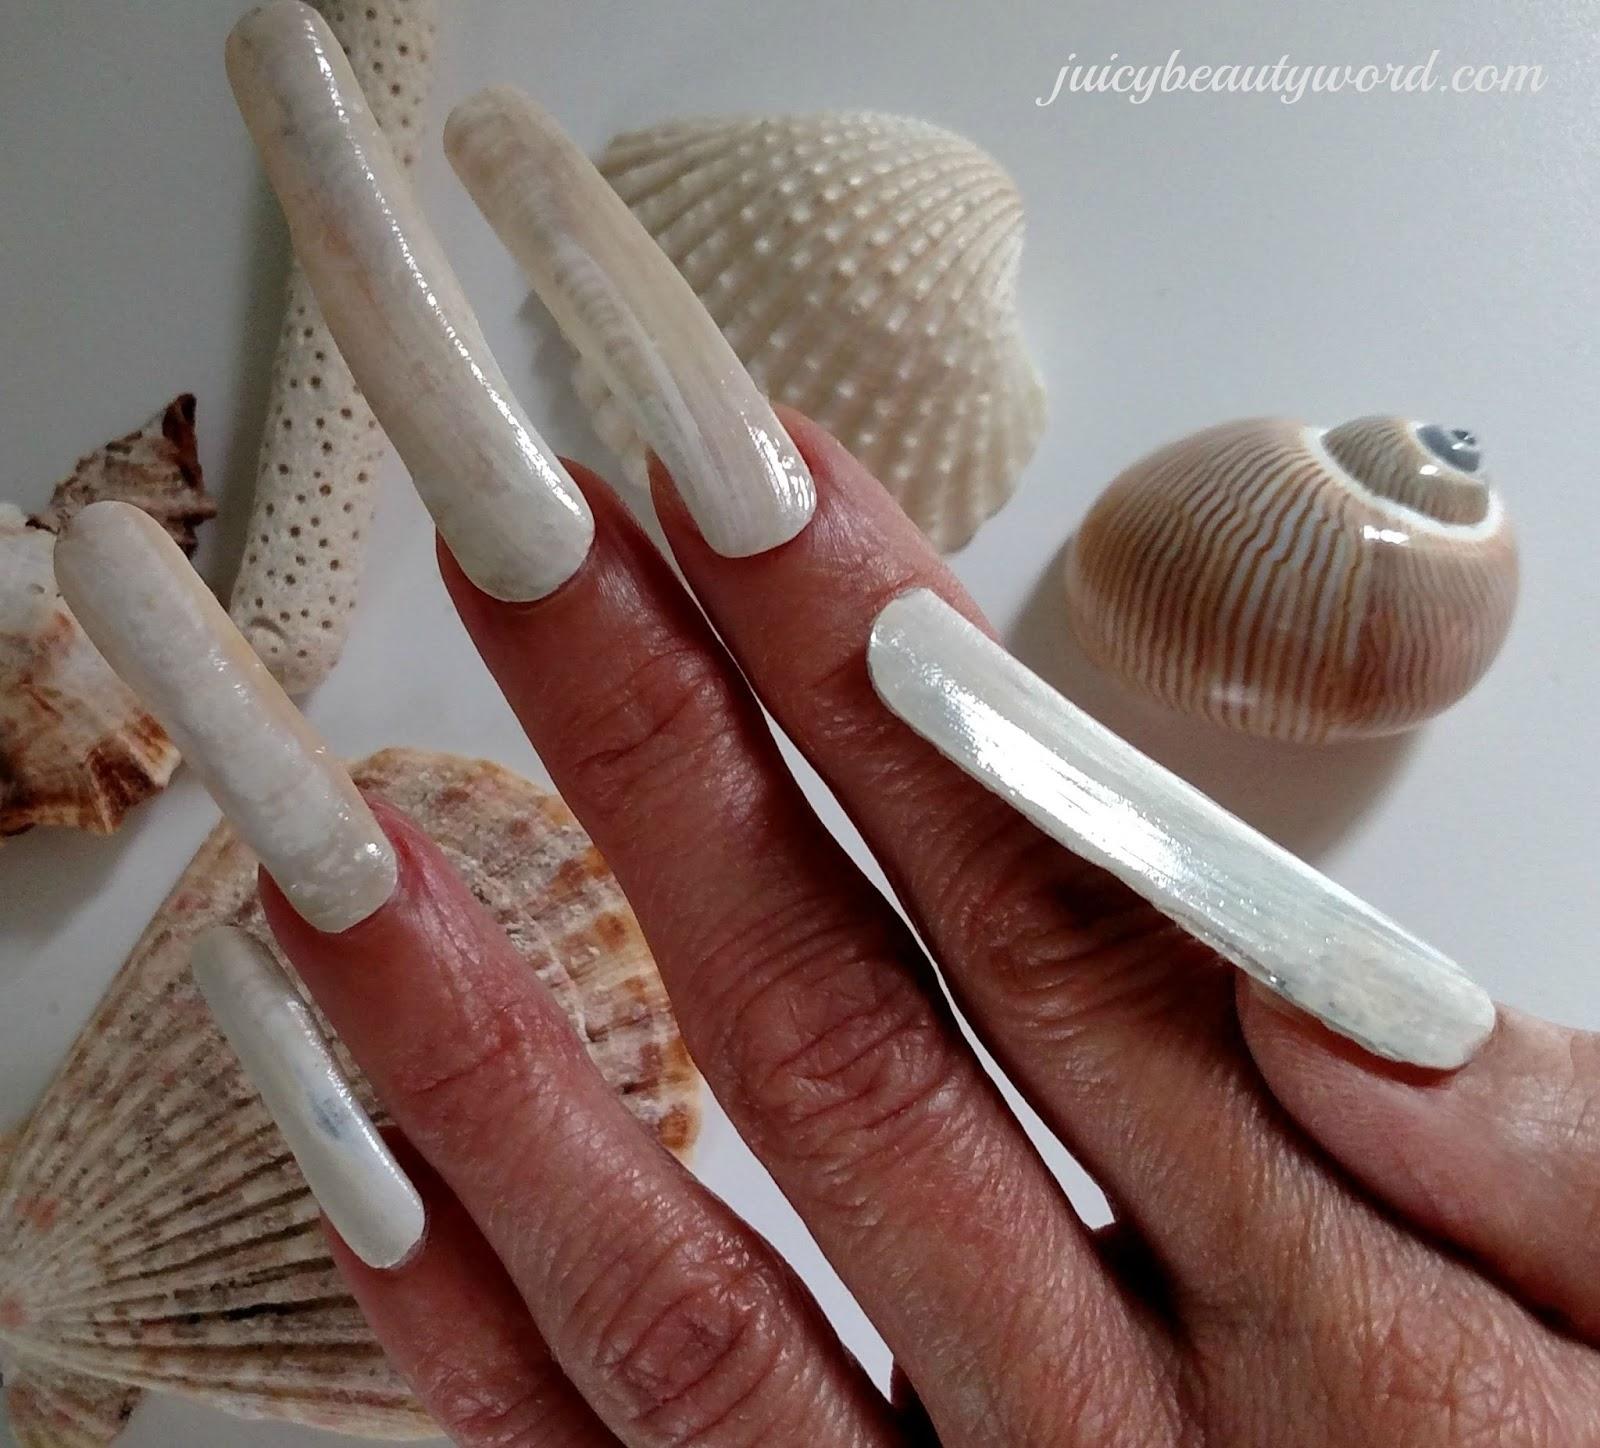 The Juicy Beauty Word Seashell Nails